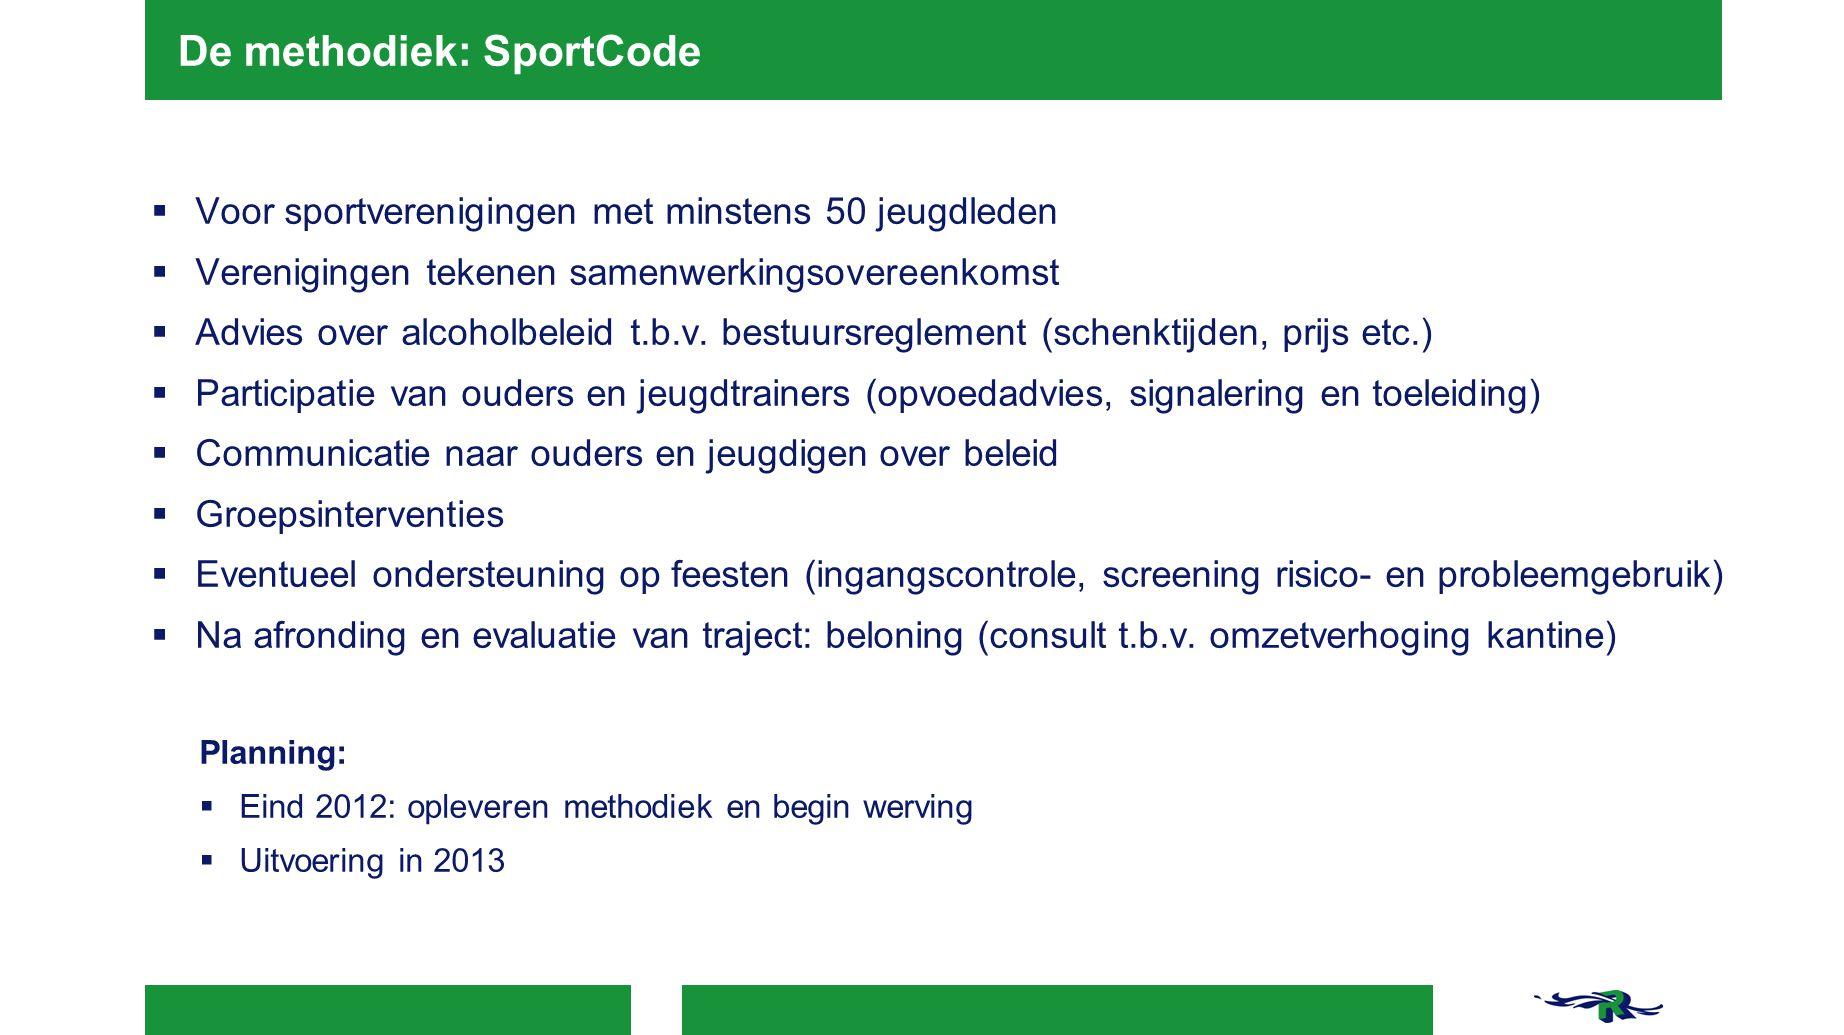 De methodiek: SportCode